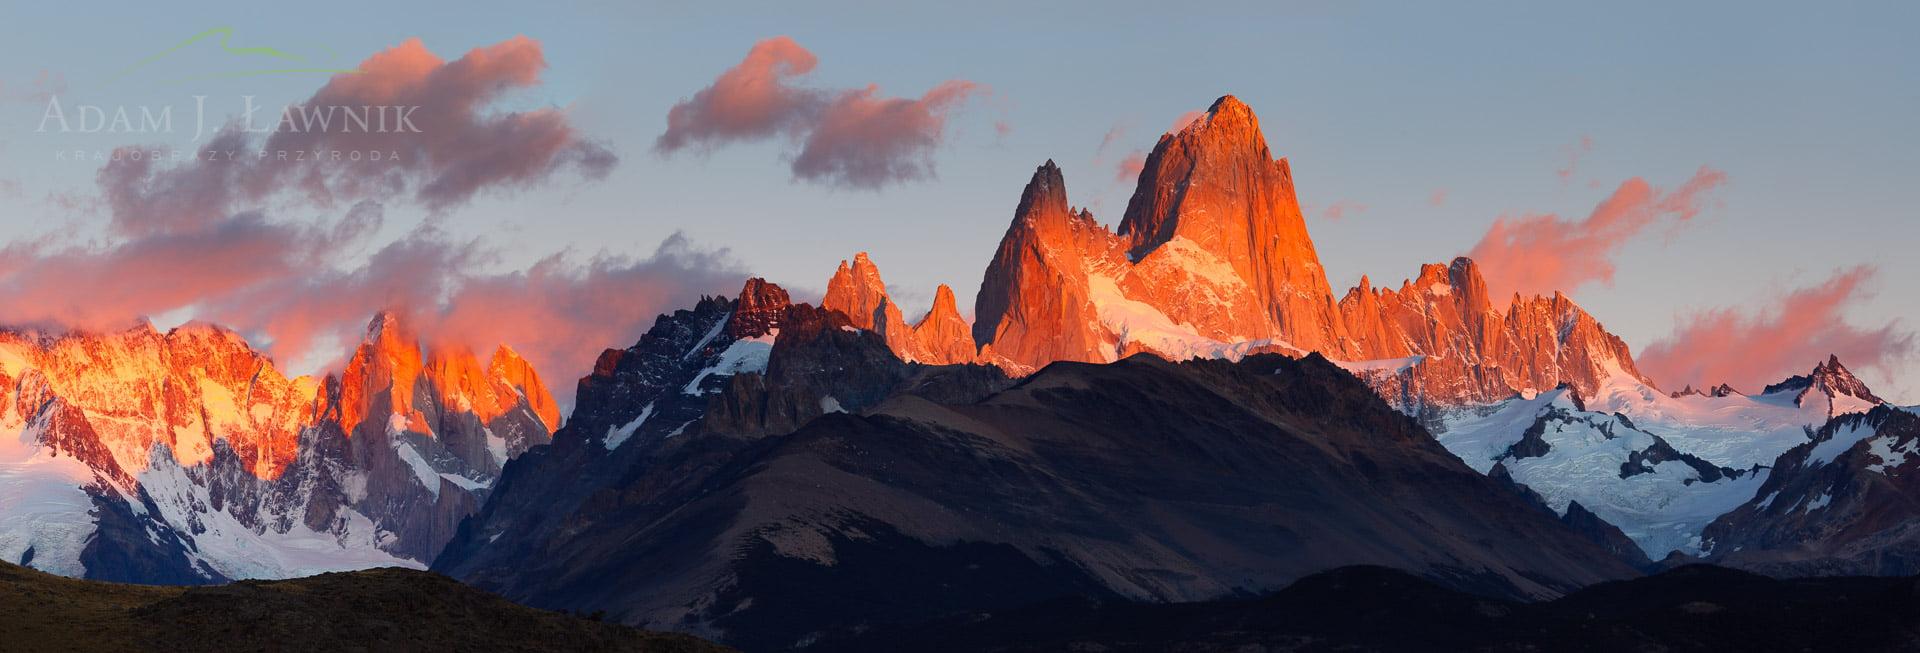 Patagonia, Argentina 1203-00582C